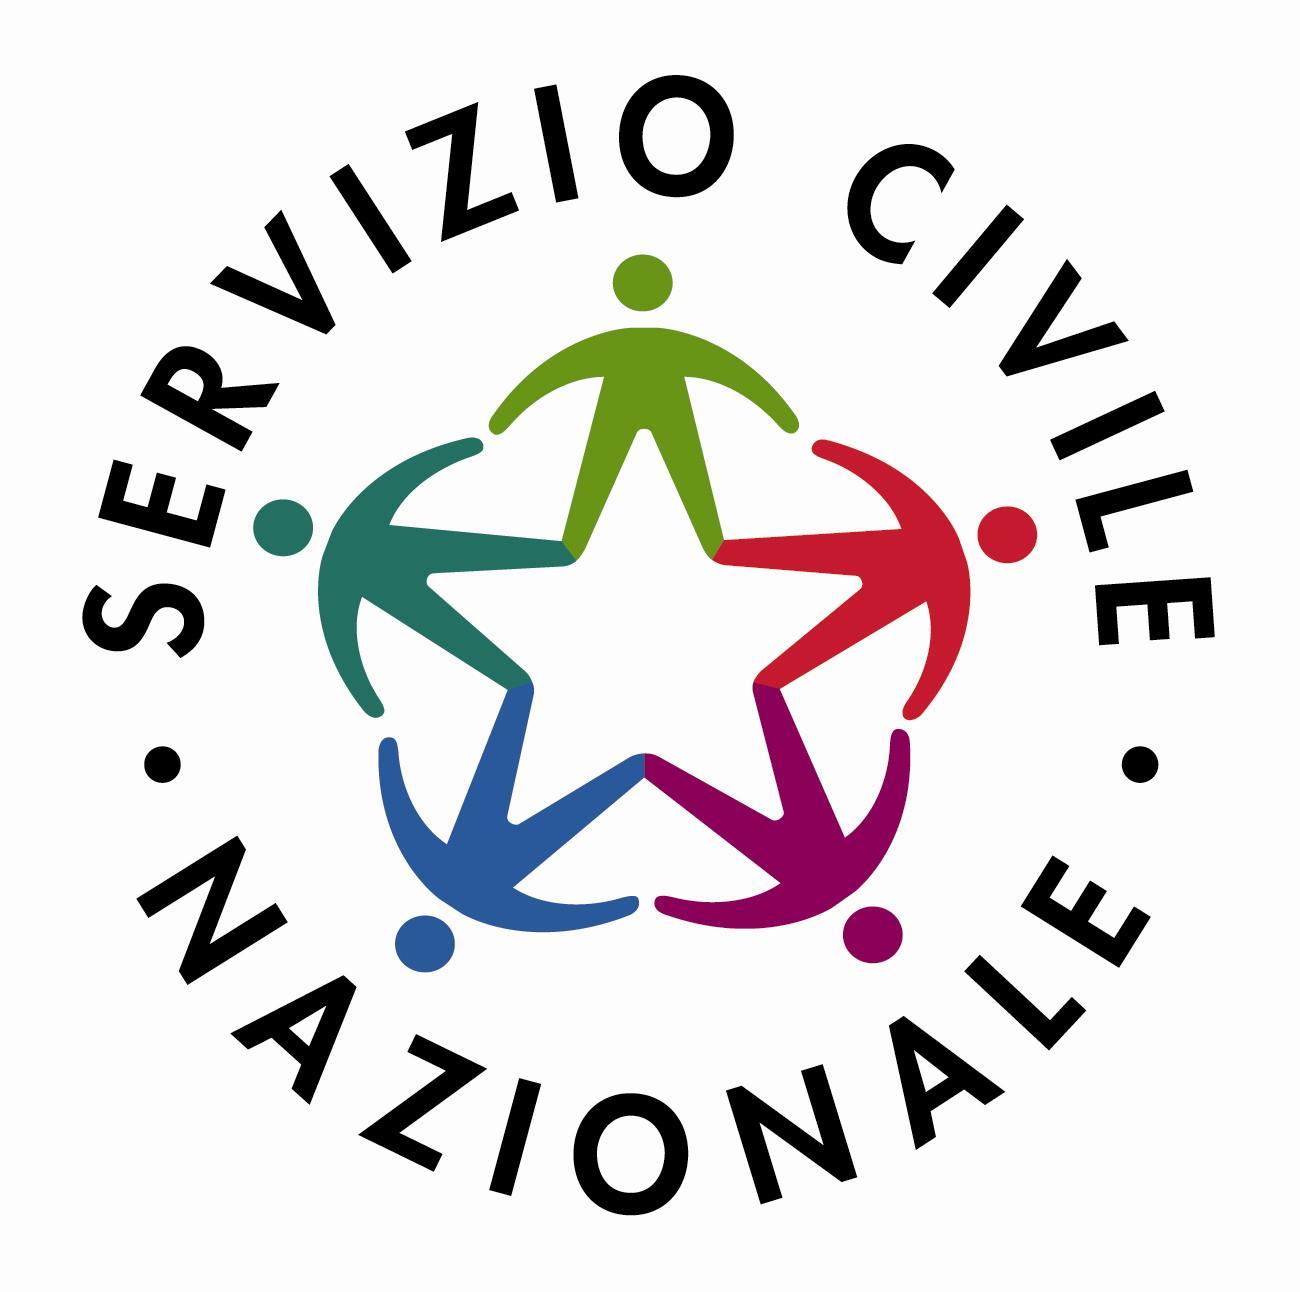 http://www.serviziocivileparma.it/web/il-servizio-civile-e-universale/